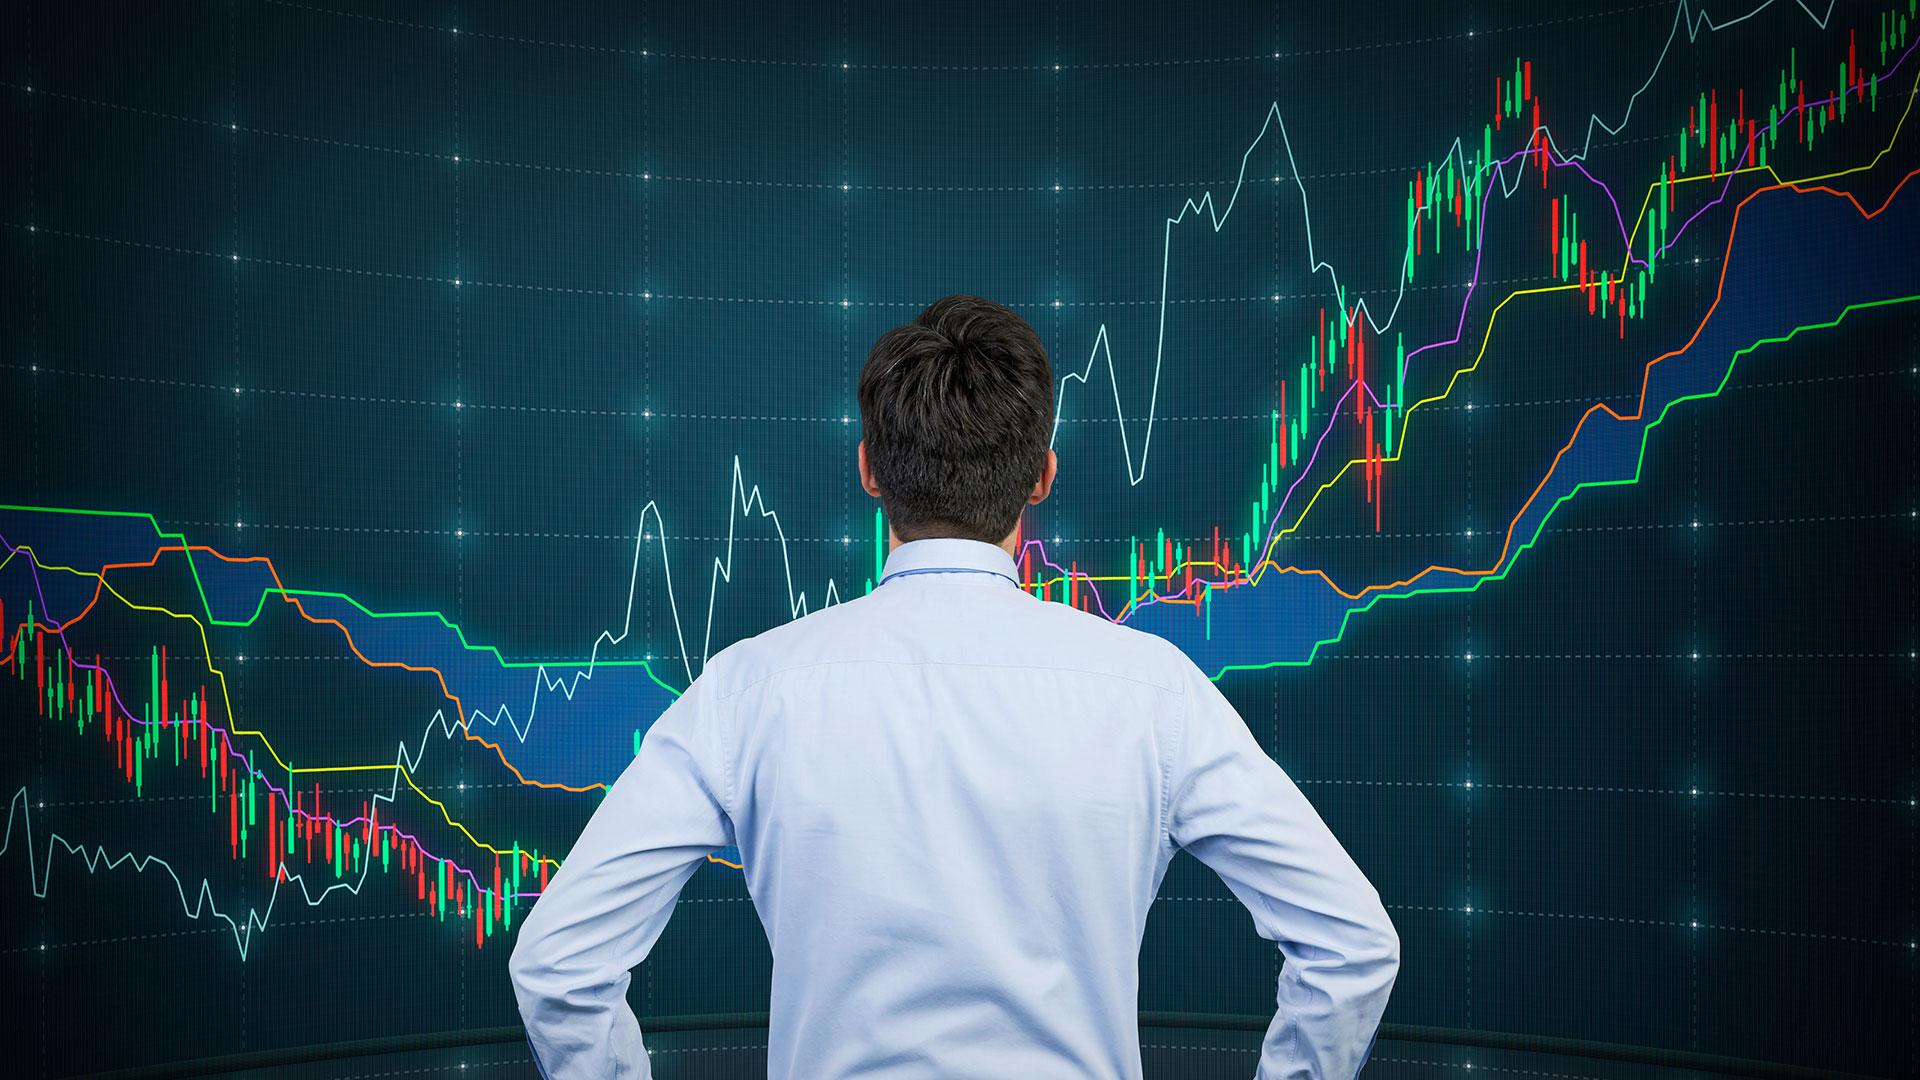 как заработать на бирже новичку дома форекс